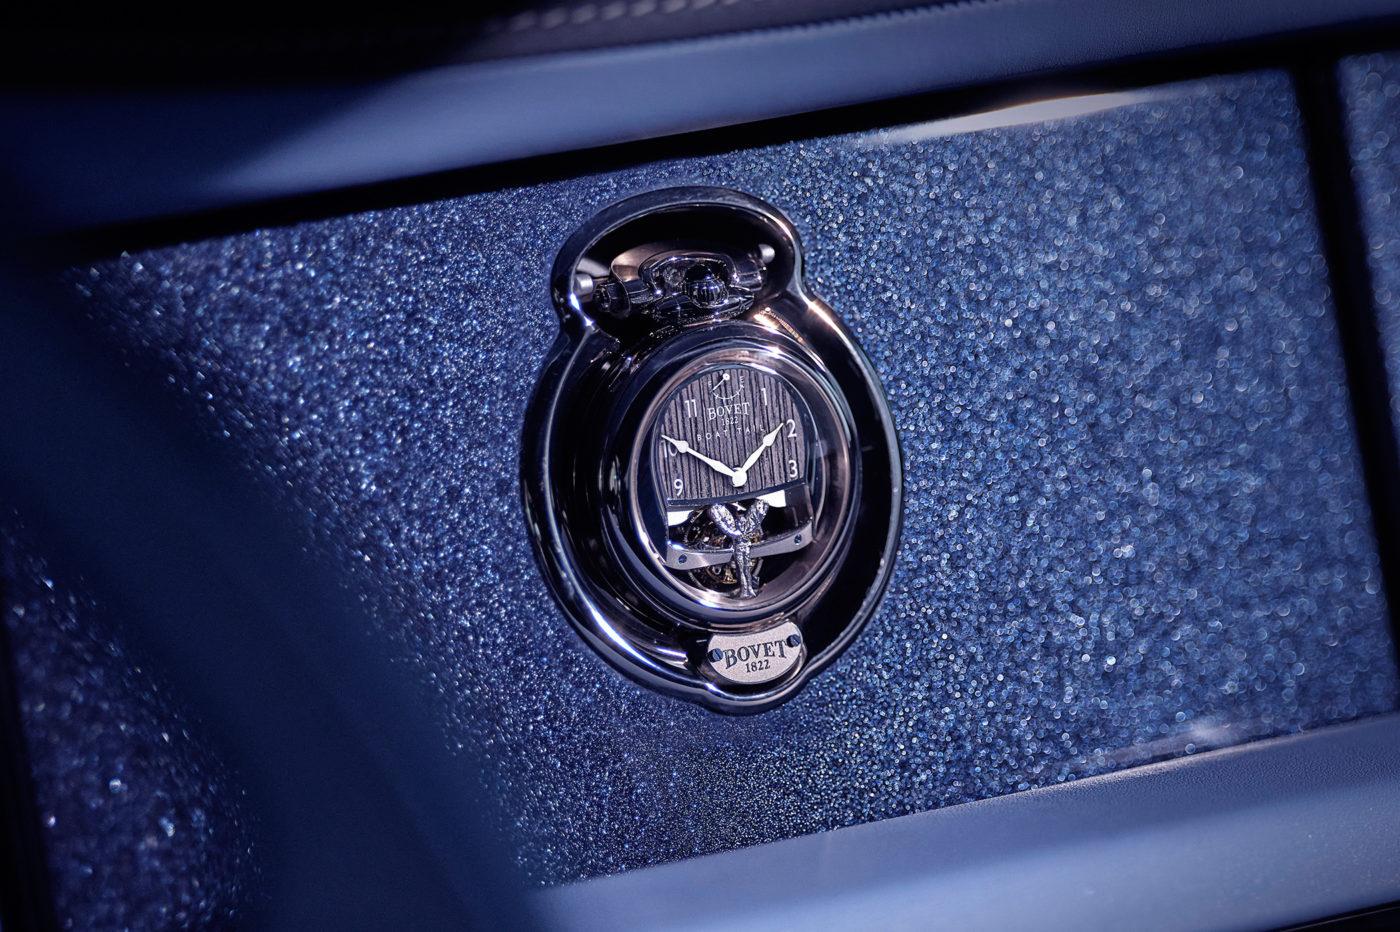 Bovet 1822 X Rolls Royce